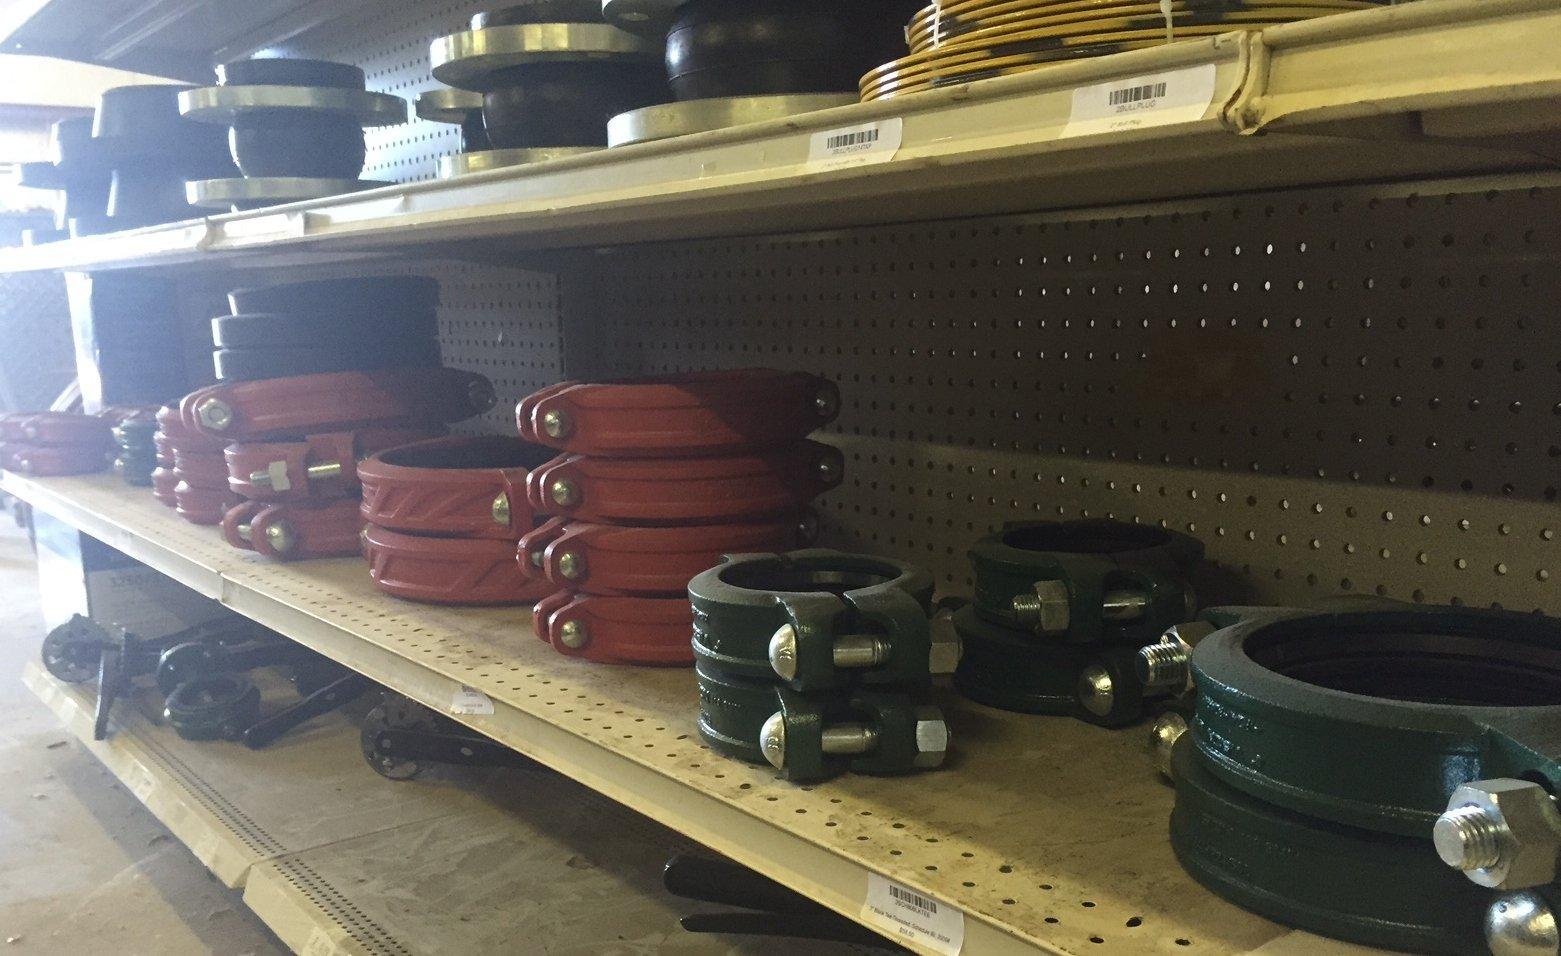 oilfield equipment rentals in Midland, TX